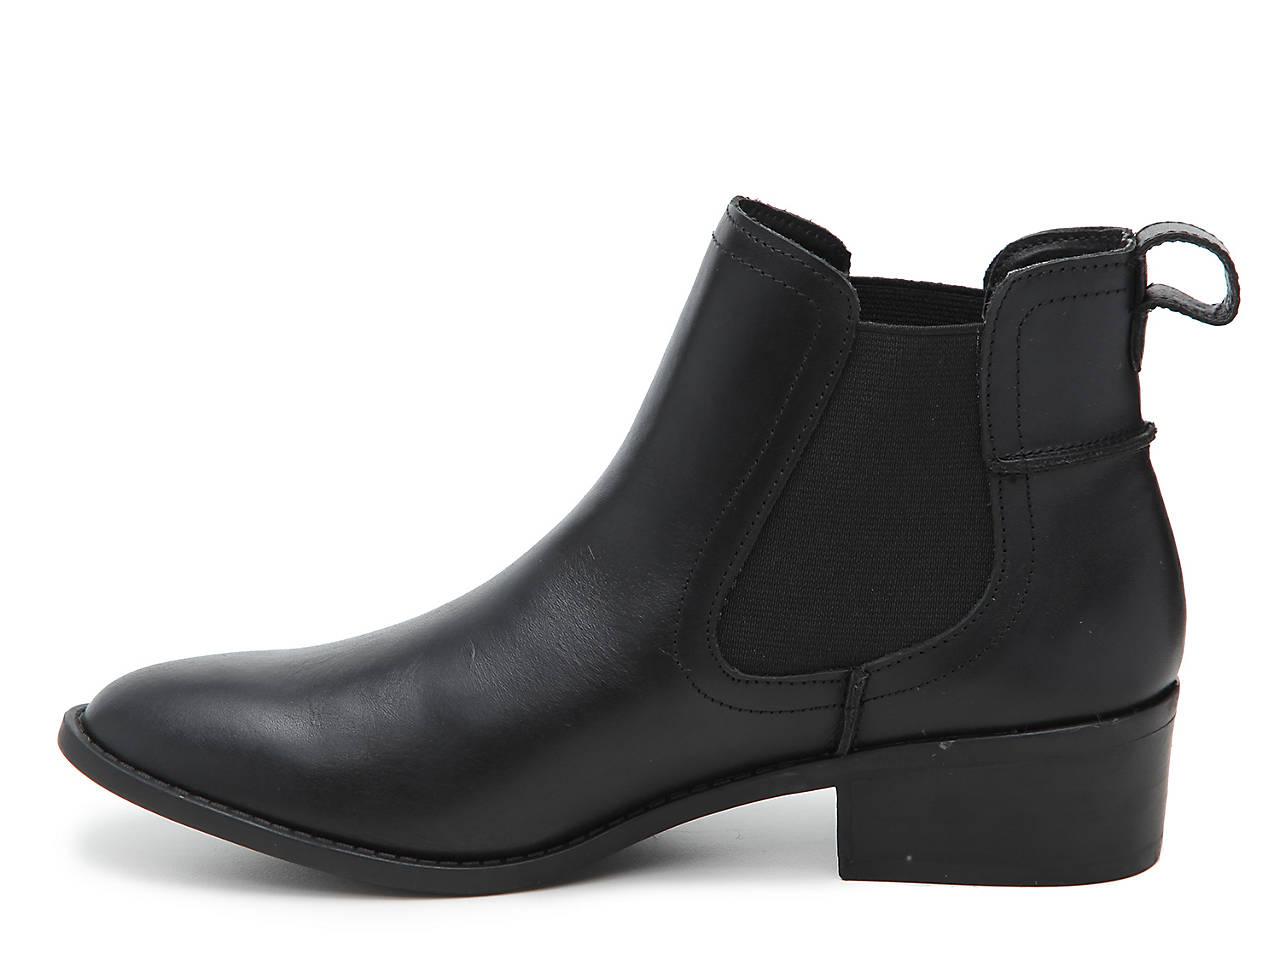 ac9884f873b6 Steve Madden Drape Chelsea Boot Women s Shoes